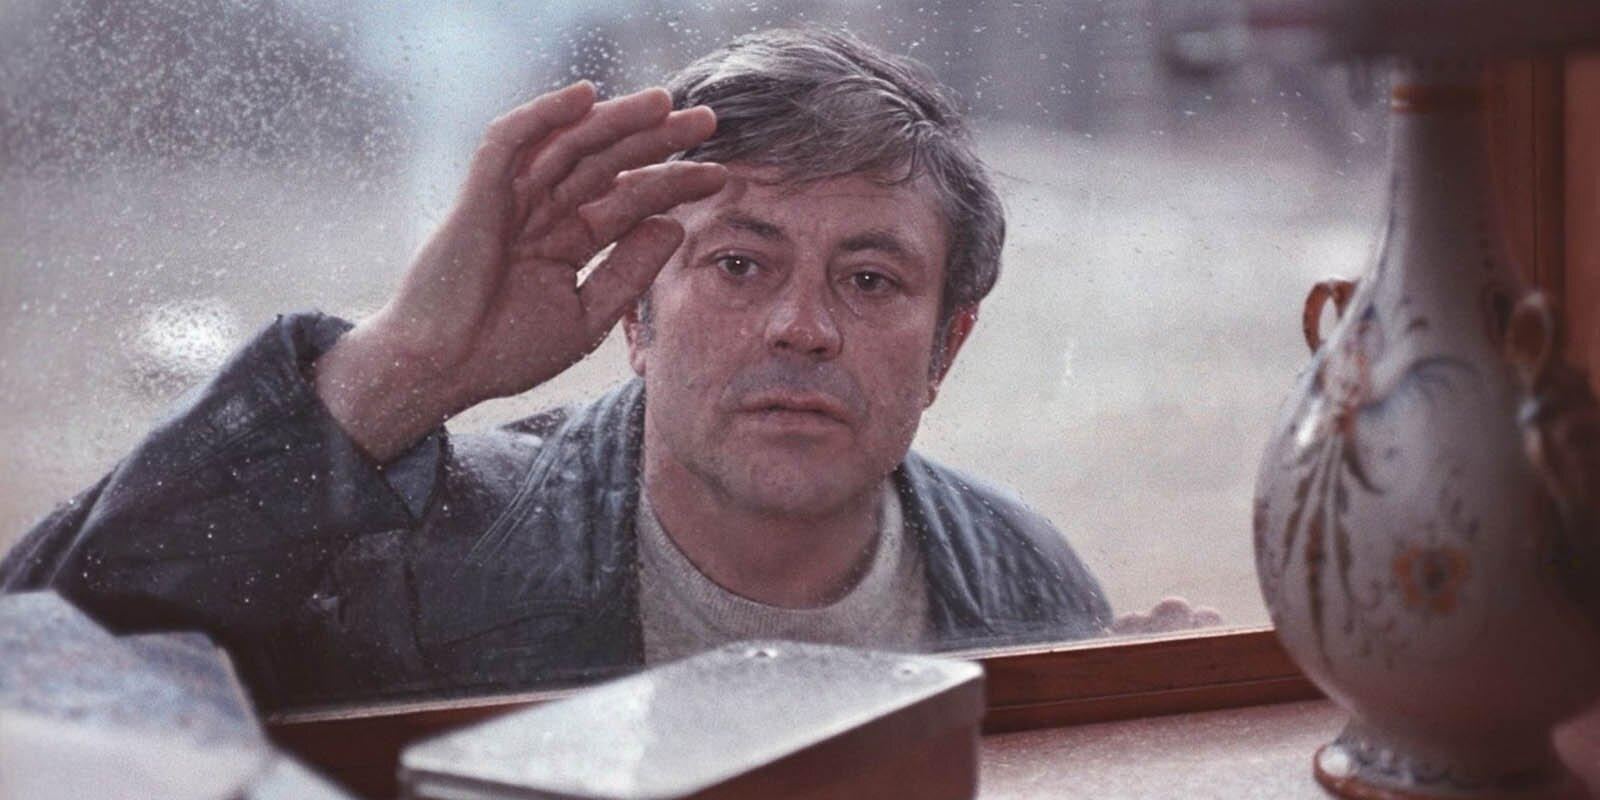 Кадр из фильма «Солярис». Режиссер А. Тарковский. 1972 год